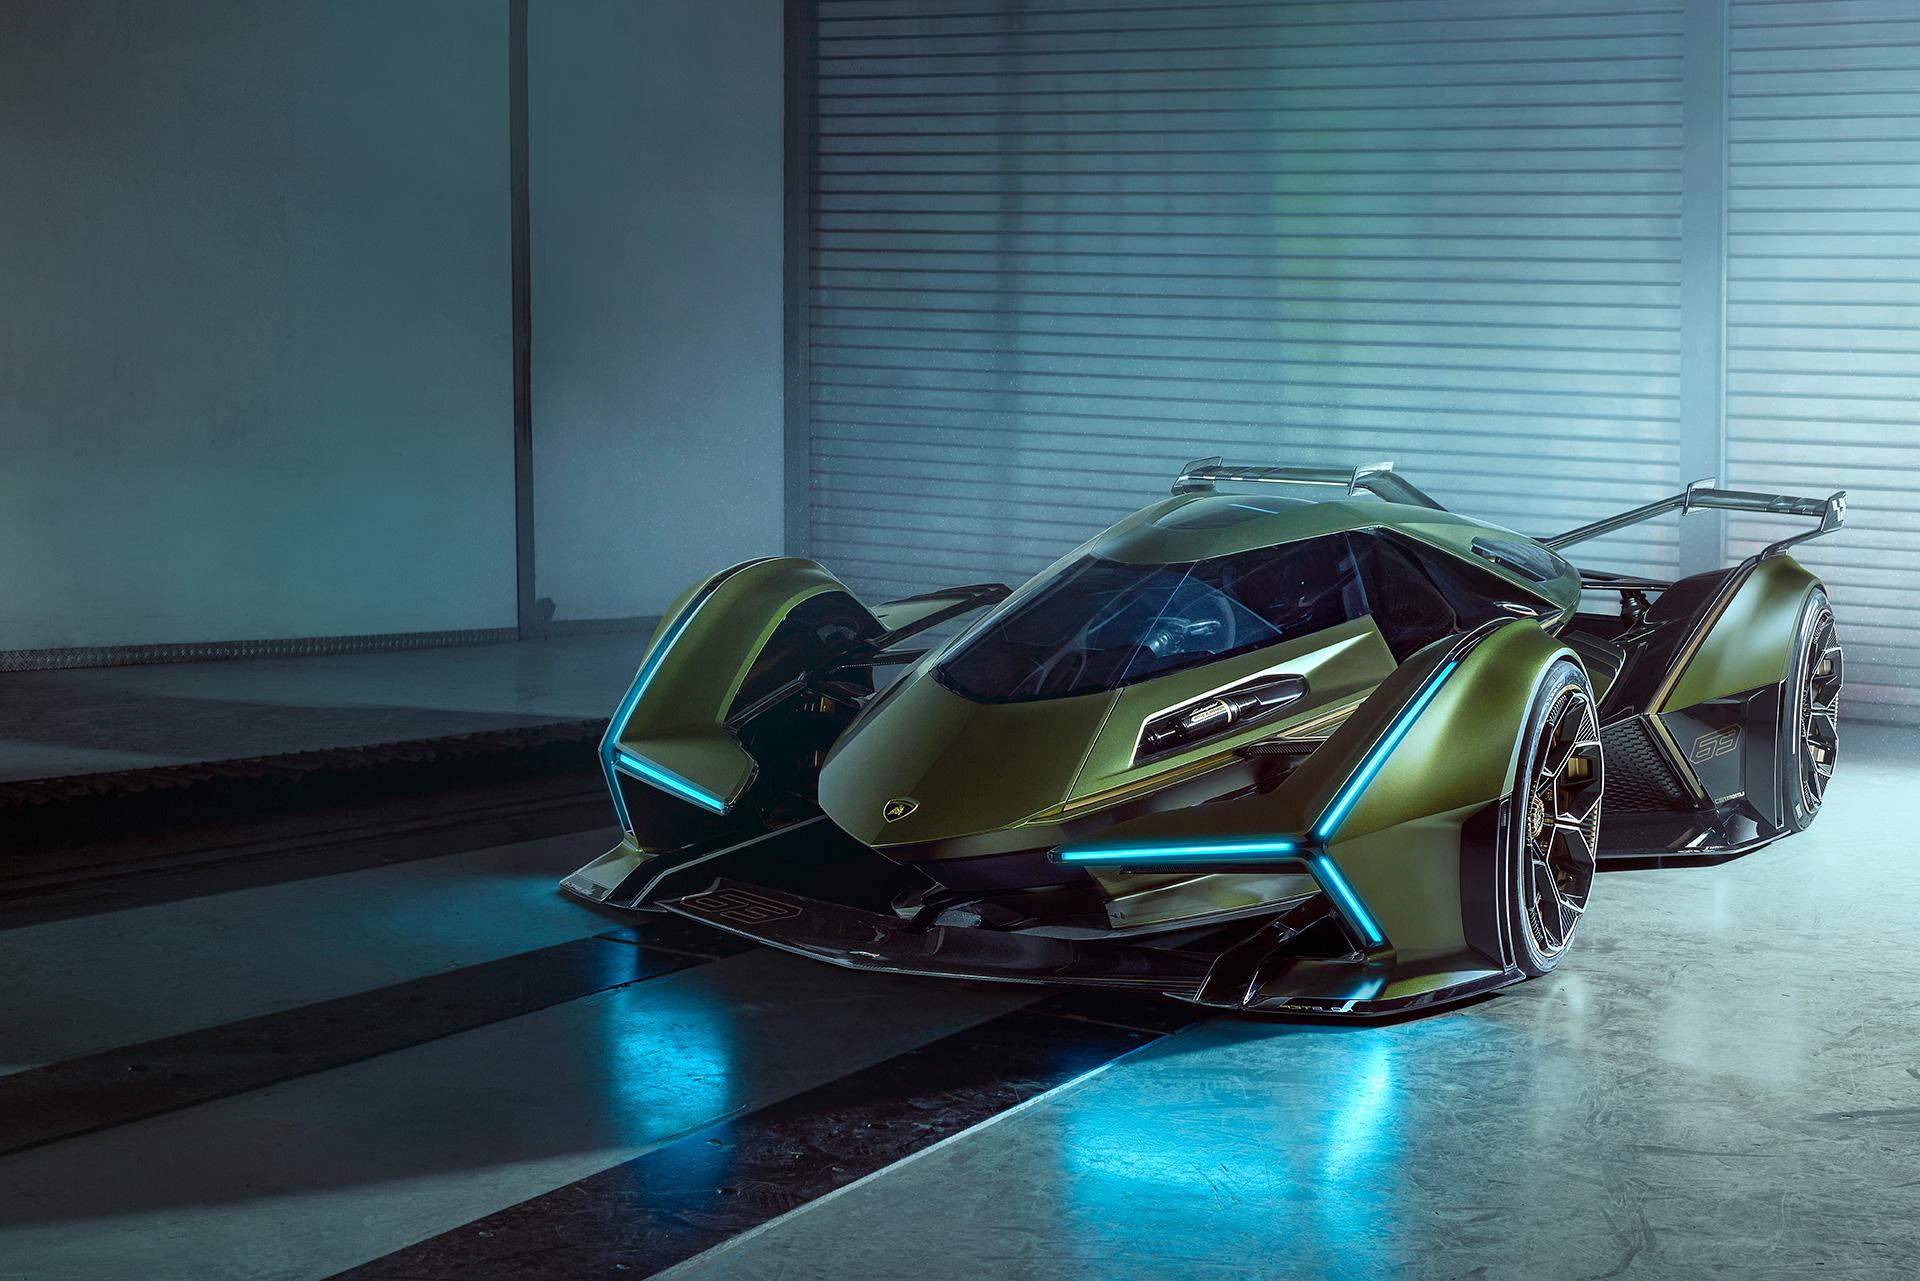 Lamborghini Lambo V12 Vision Gt Unveiled At The World Finals 2019 In Monaco News Gran Turismo Com